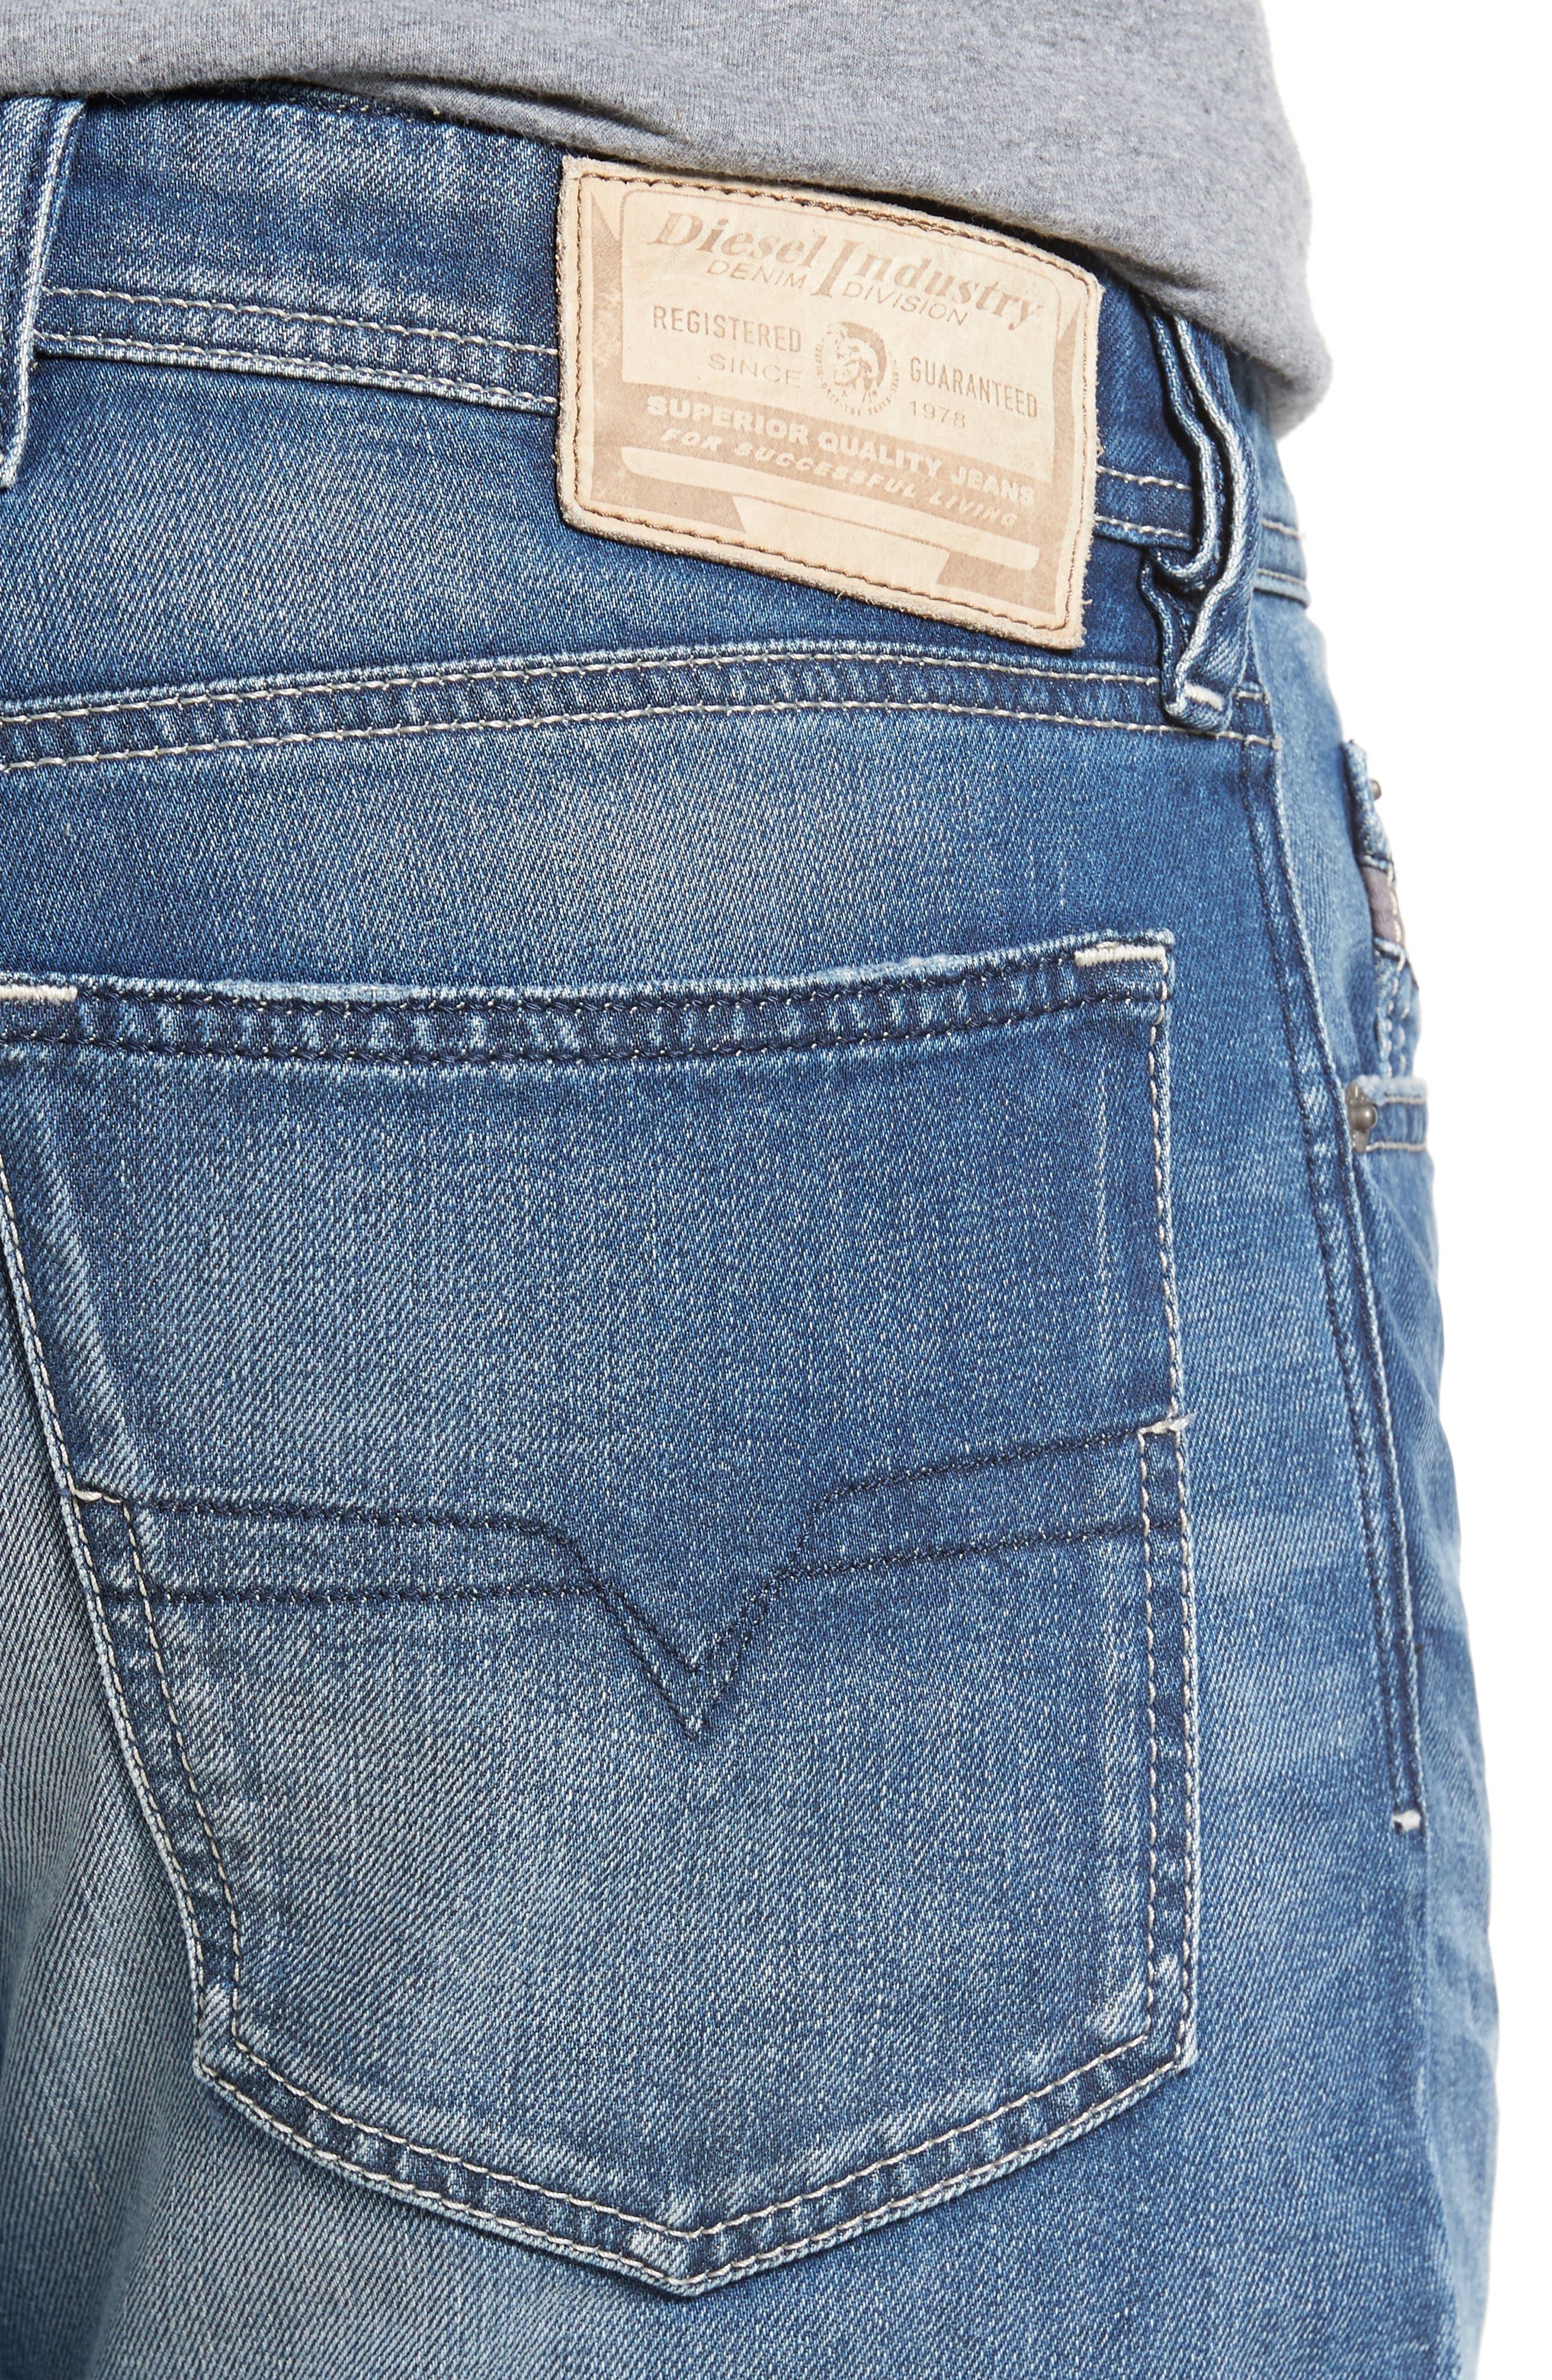 Waykee Straight Leg Jeans,                             Alternate thumbnail 4, color,                             400